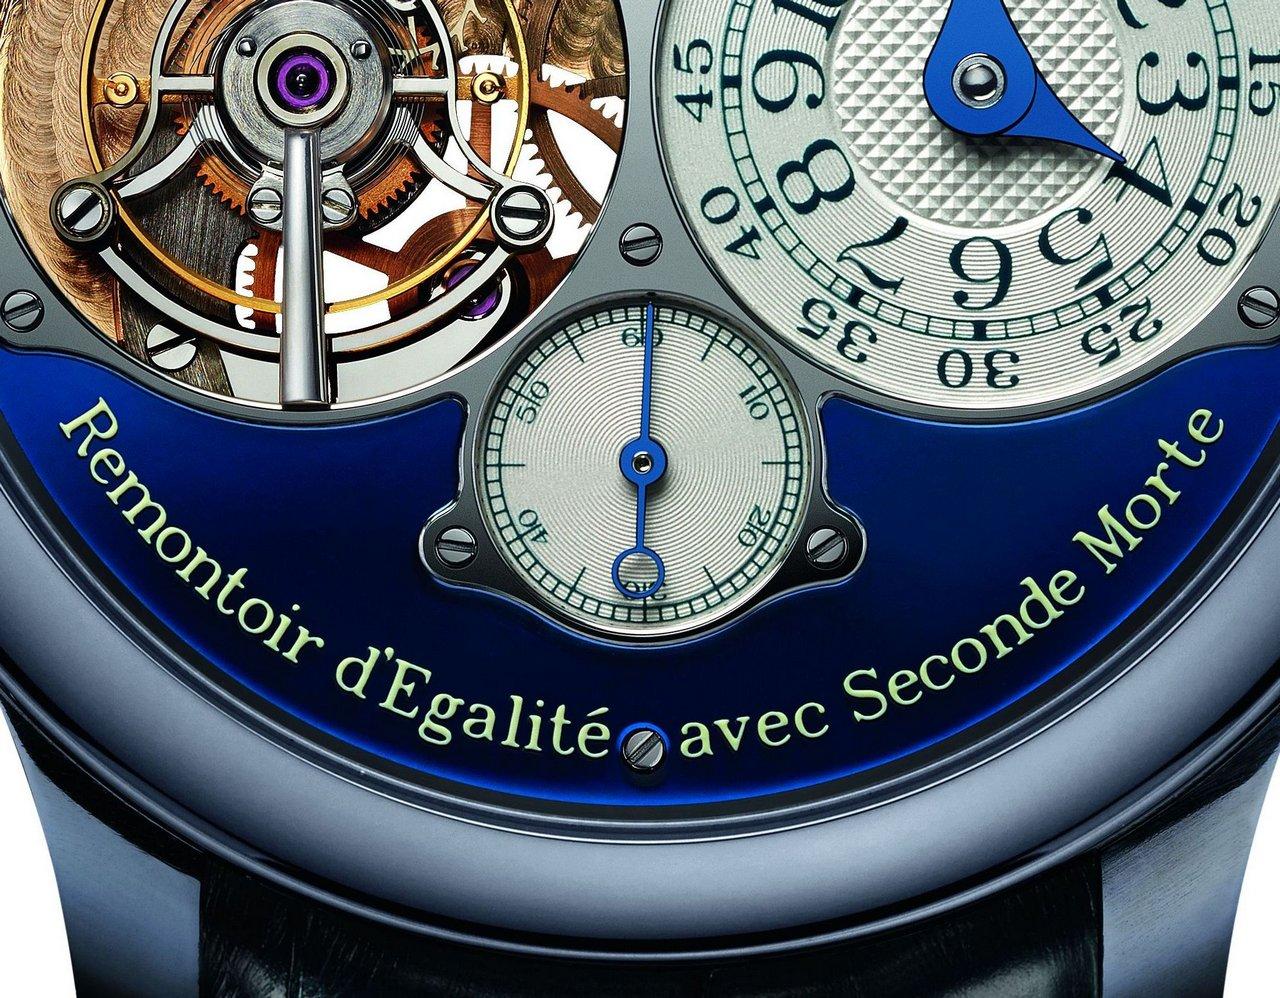 f-p-journe-tourbillon-souverain-bleu-only-watch-2015-0-100-8